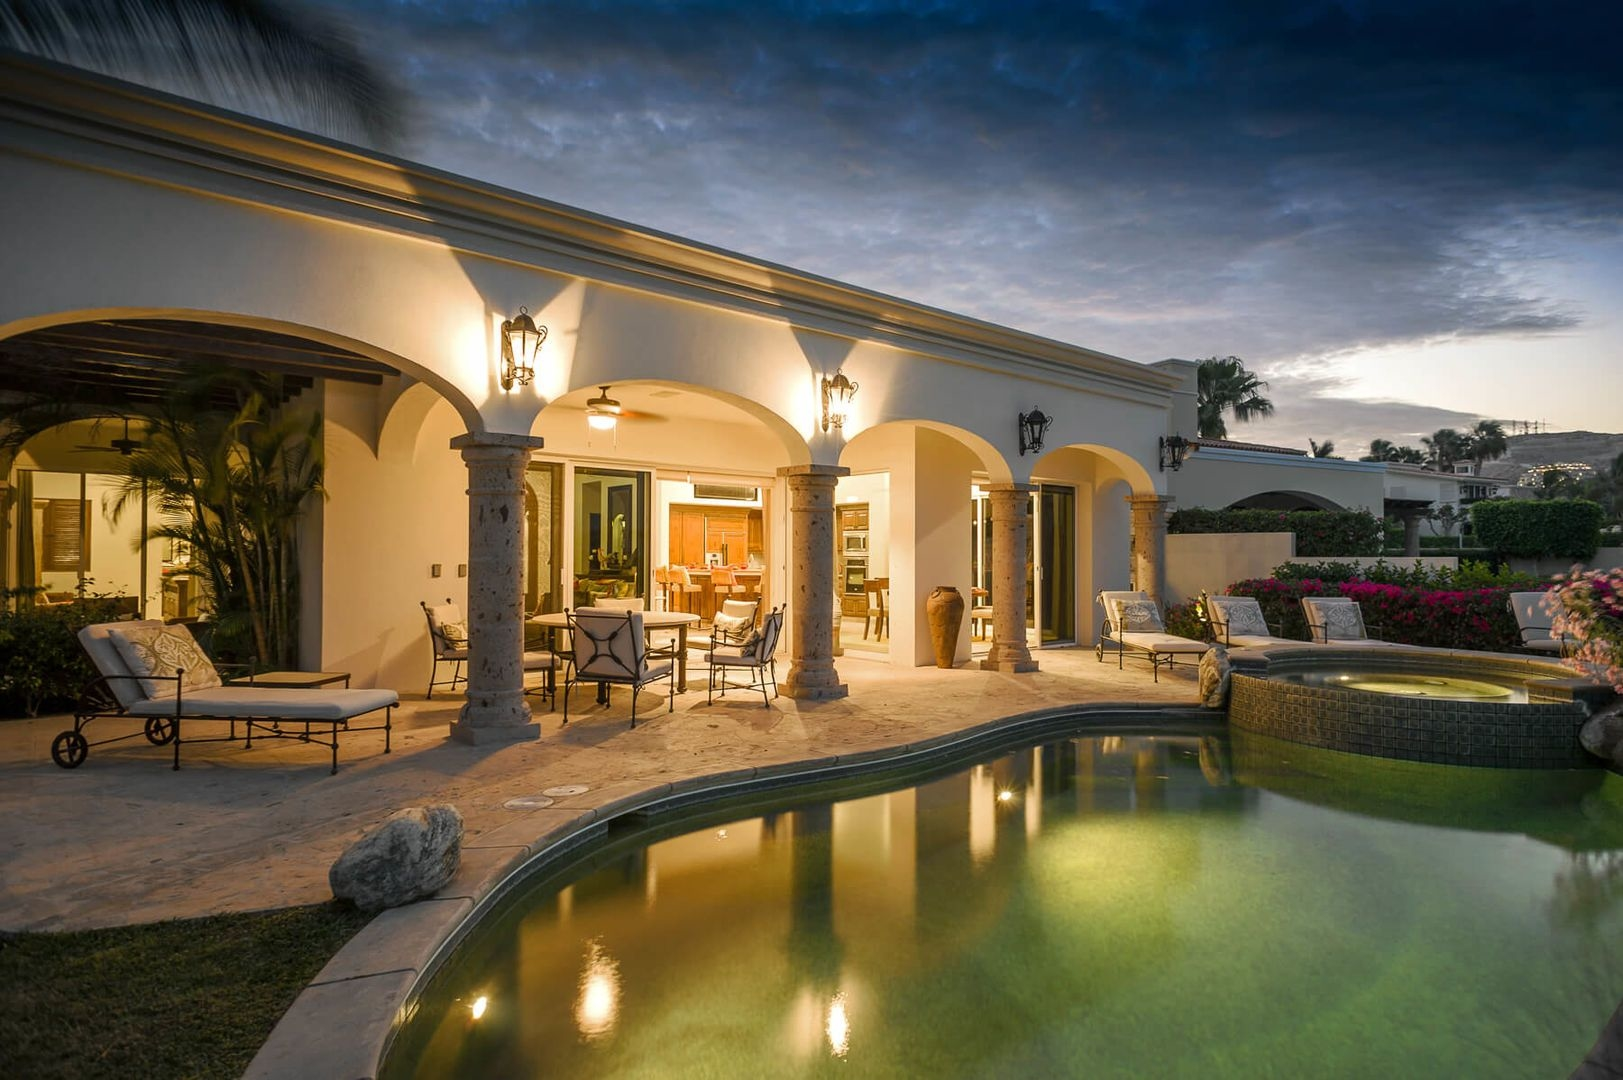 Luxury vacation rentals mexico - Los cabos - Los cabos corridor - Palmilla - Villa del Sol Palmilla - Image 1/22